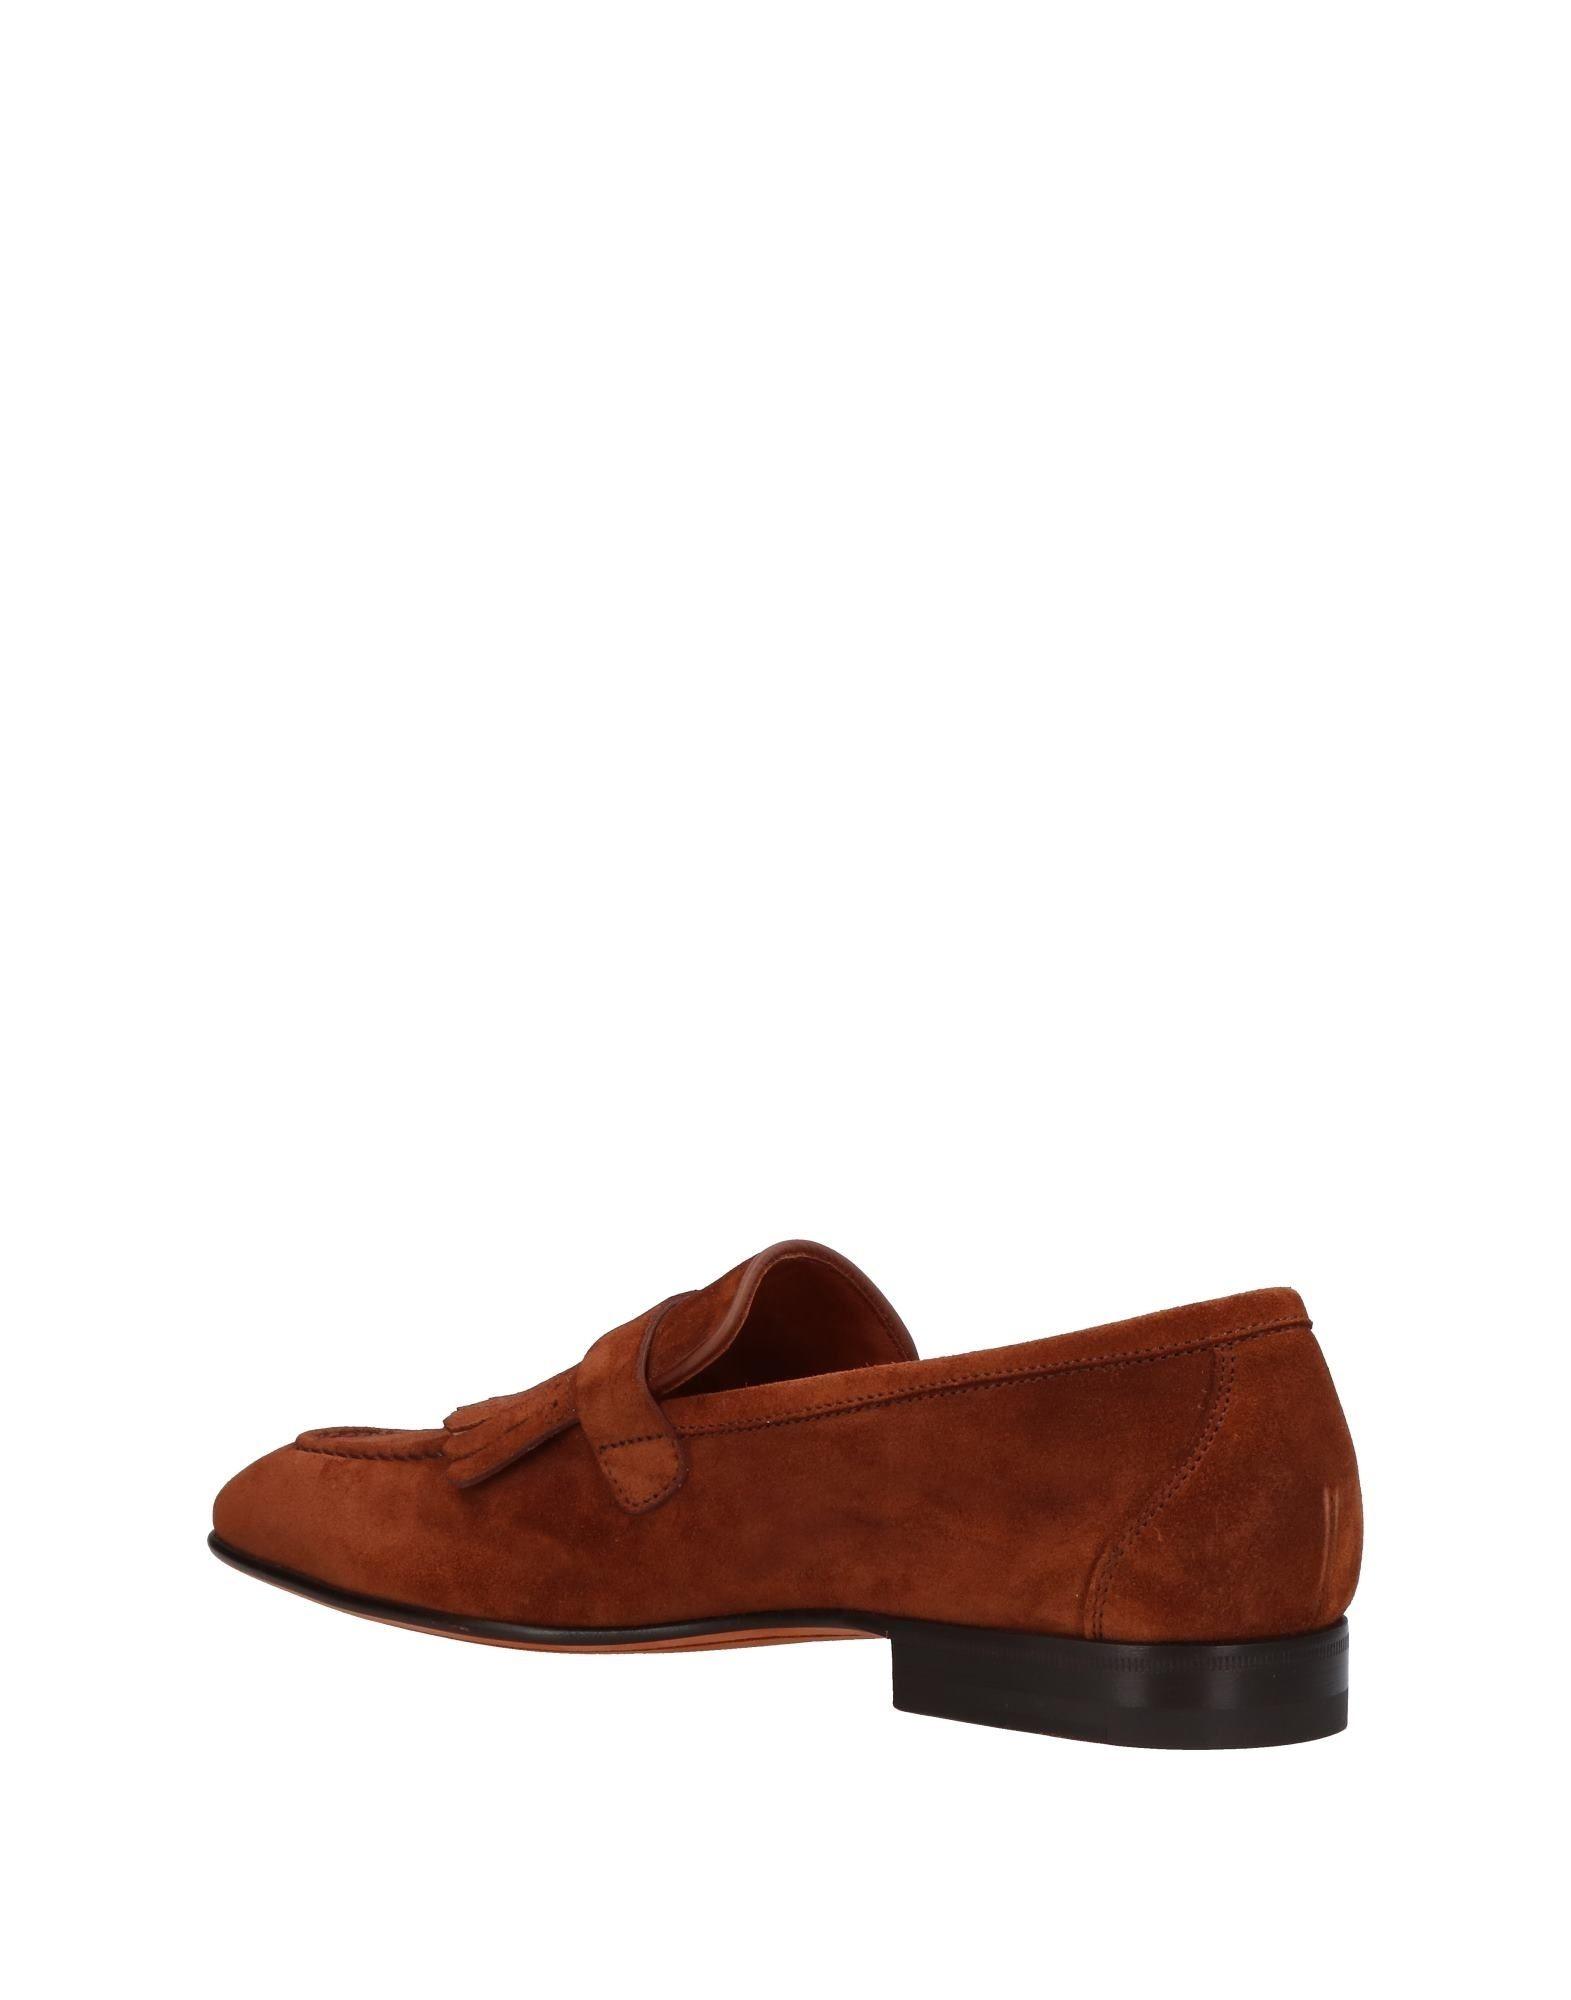 Santoni Herren Mokassins Herren Santoni  11410171FA Heiße Schuhe 1d0df1